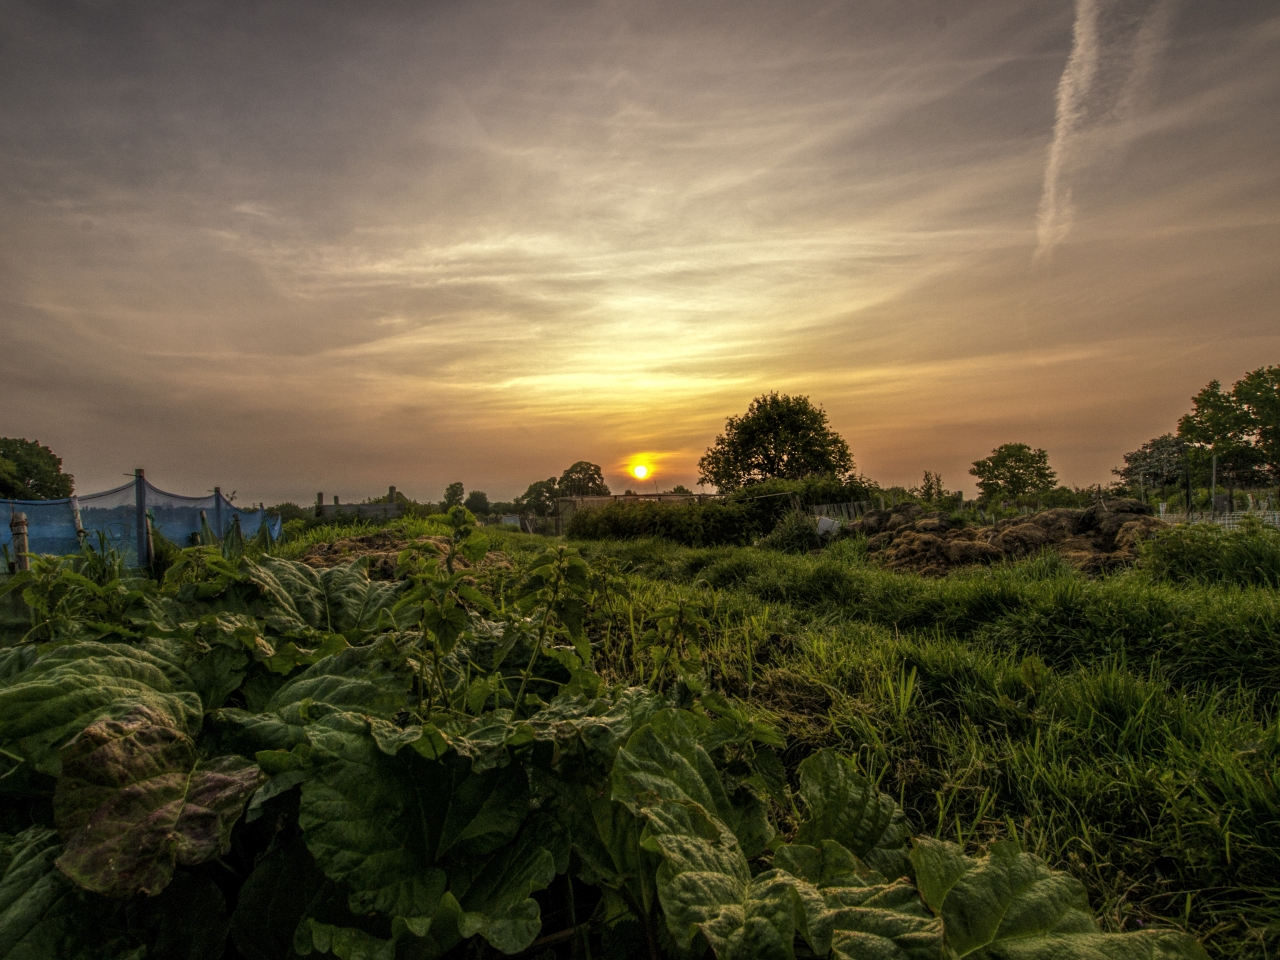 Puesta de sol en el campo - 1280x960